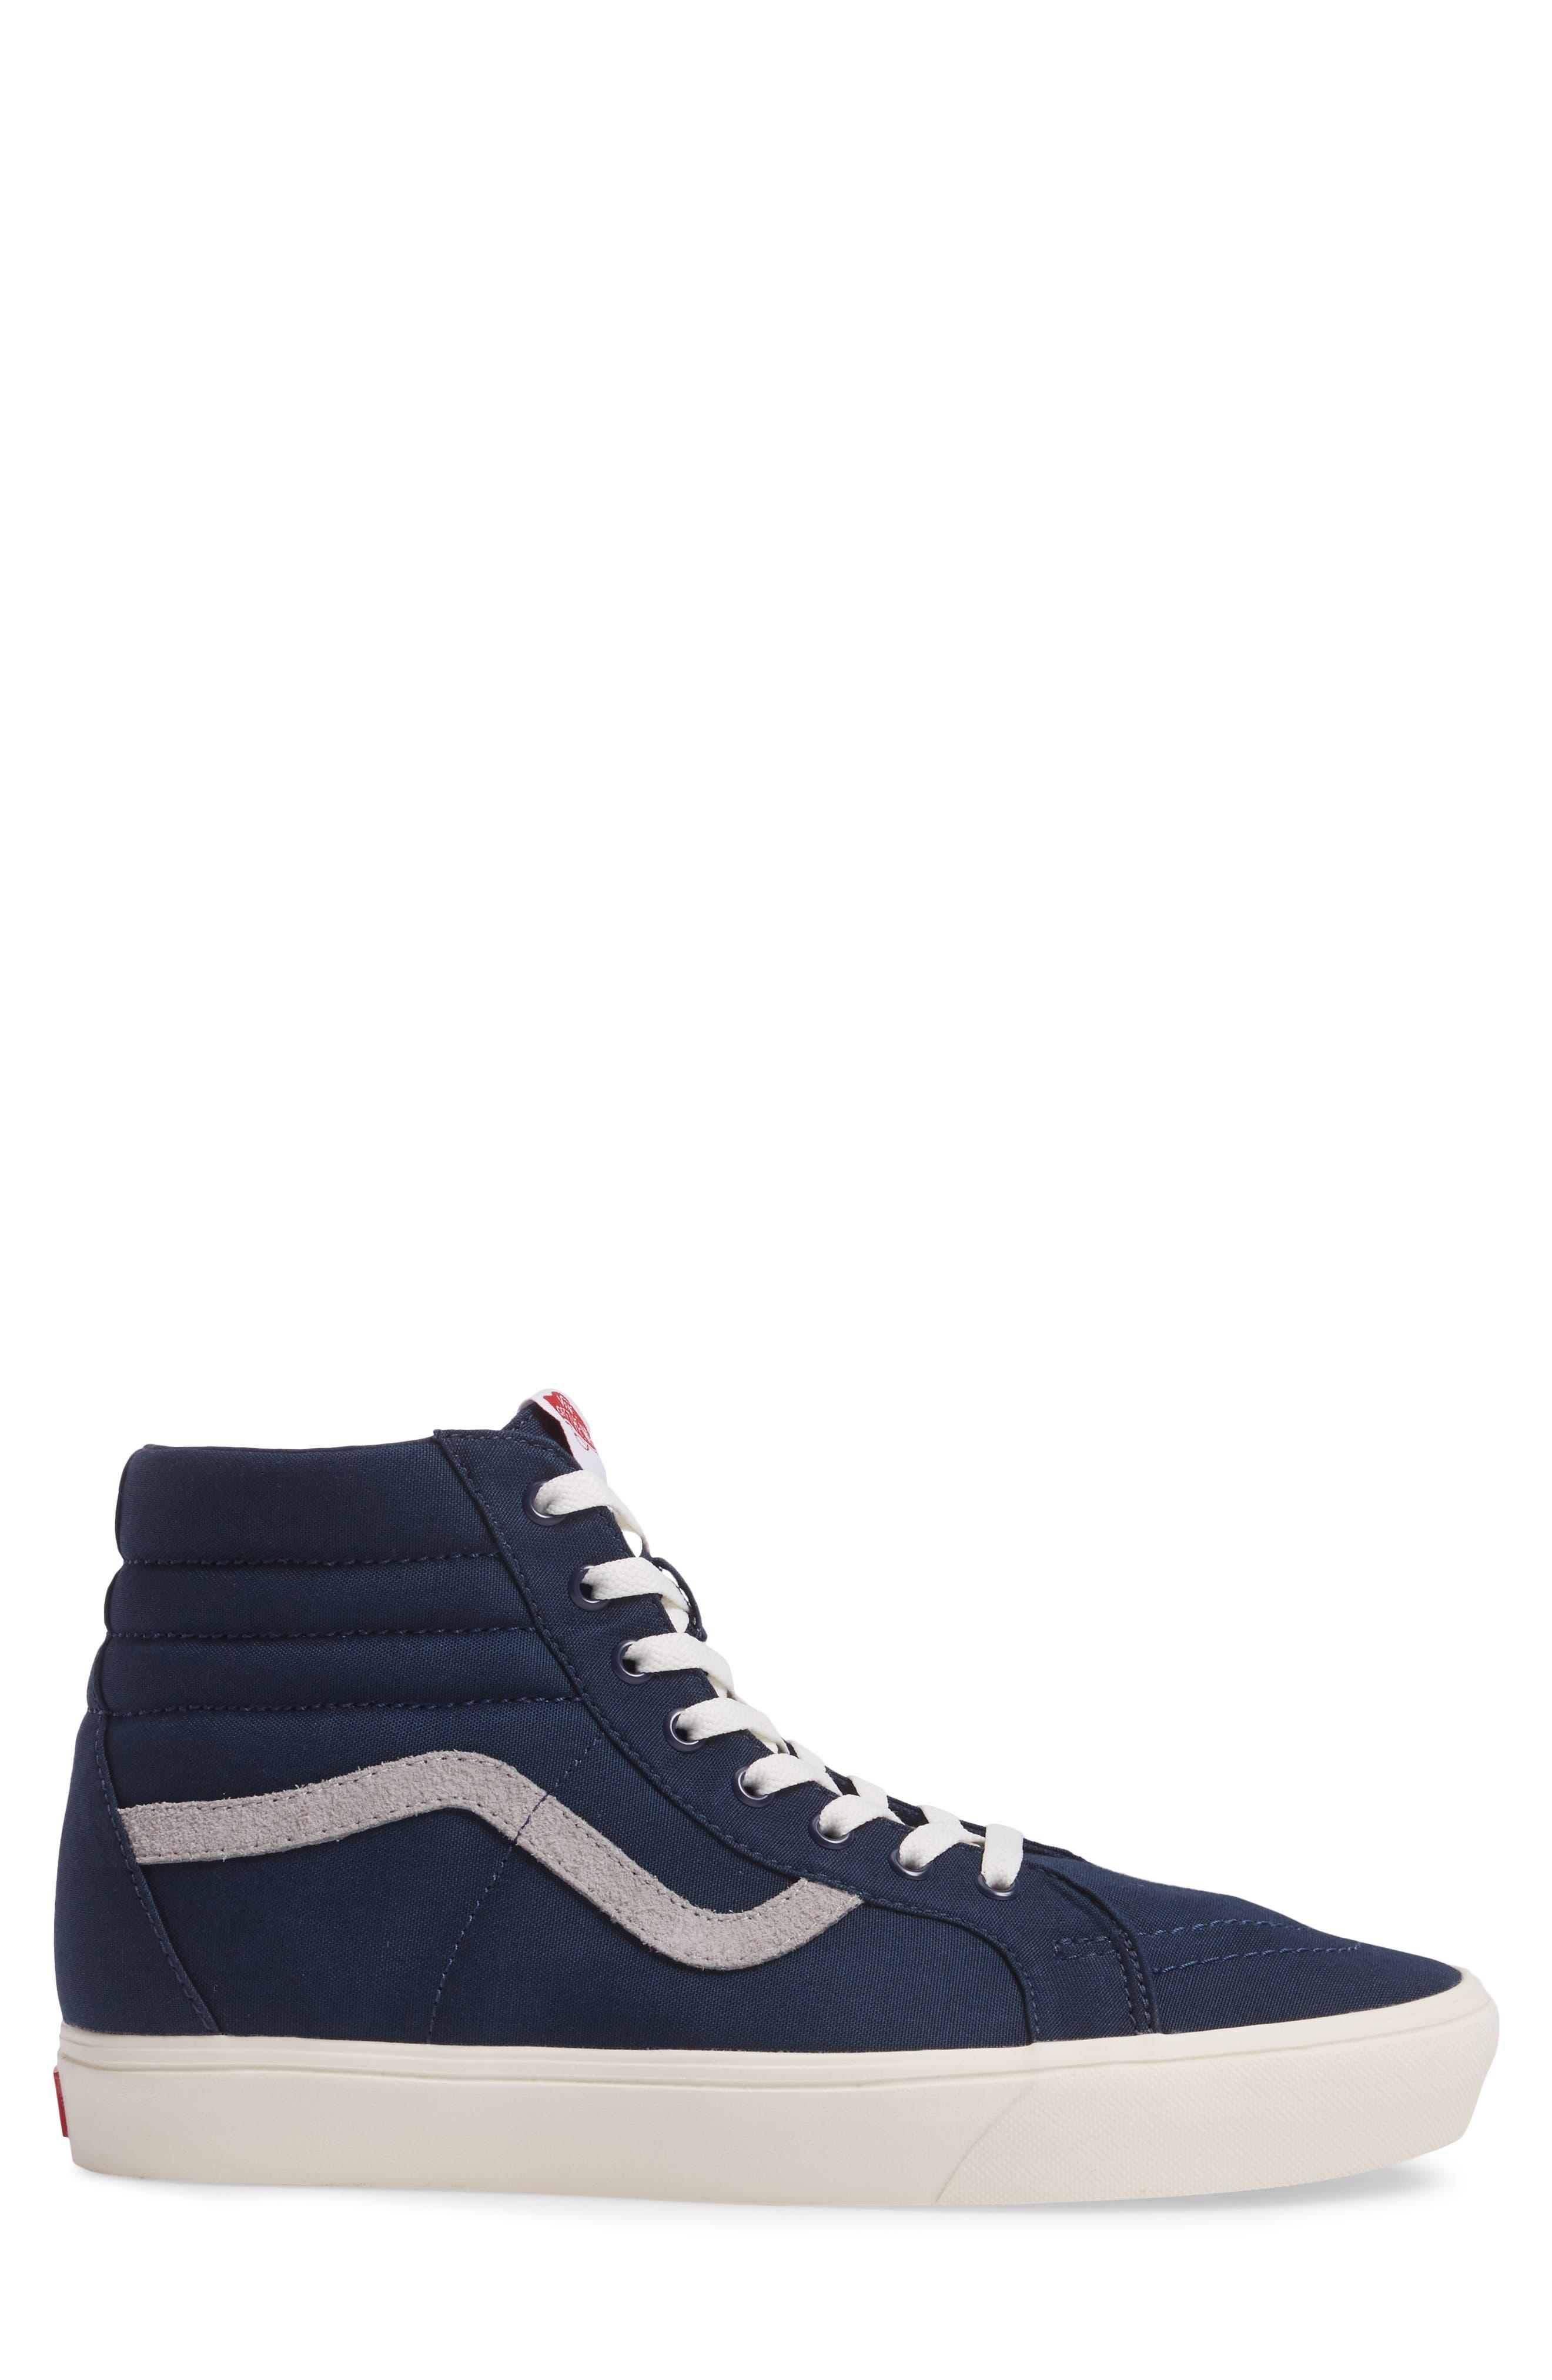 Sk80-Hi Reissue Lite Sneaker,                             Alternate thumbnail 3, color,                             420